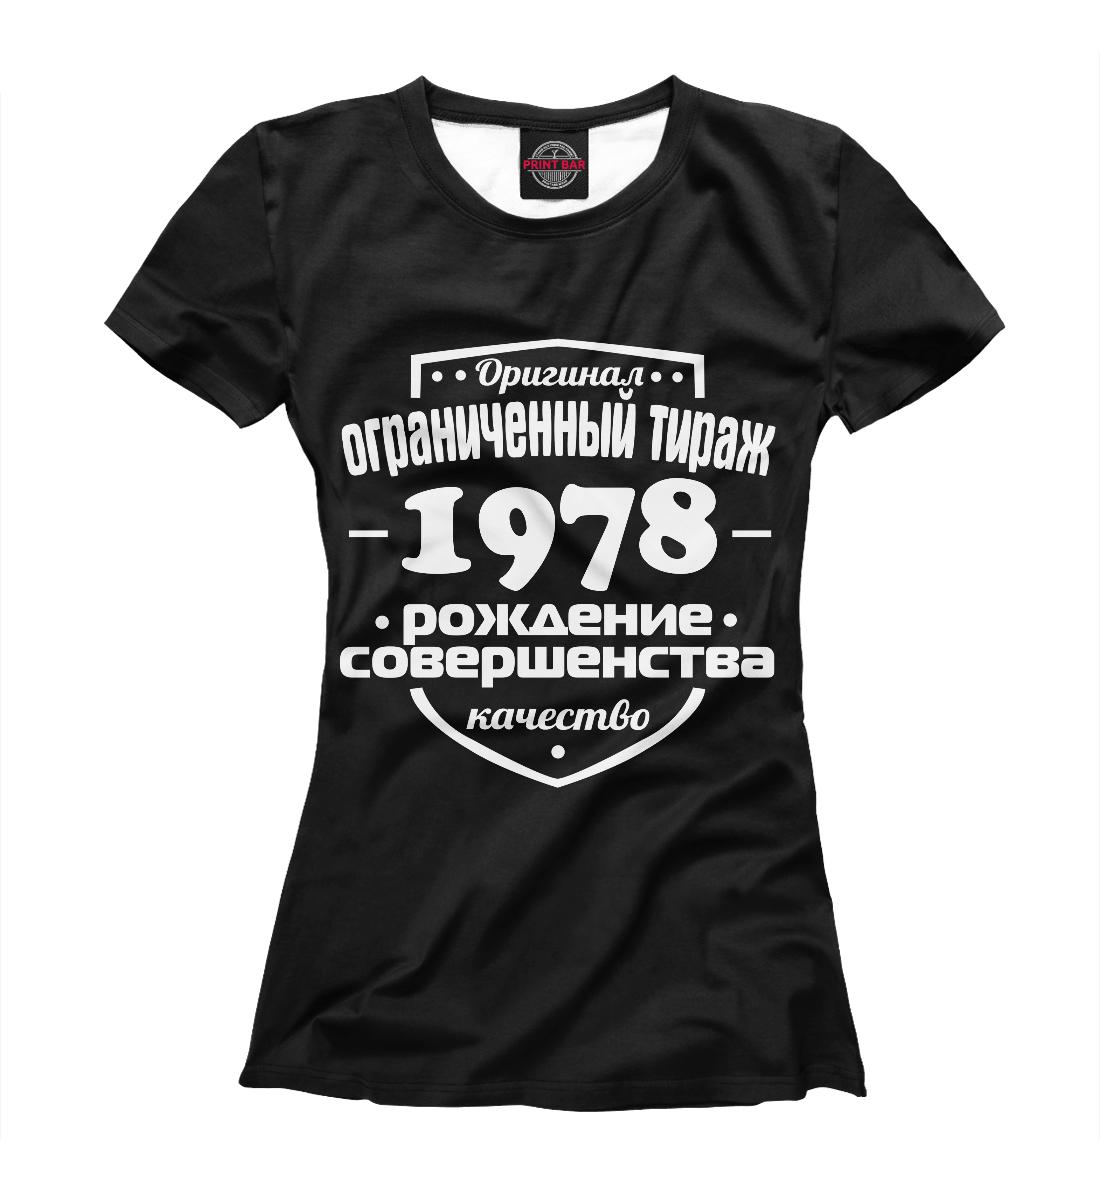 Купить Рождение совершенства 1978, Printbar, Футболки, DSV-926754-fut-1